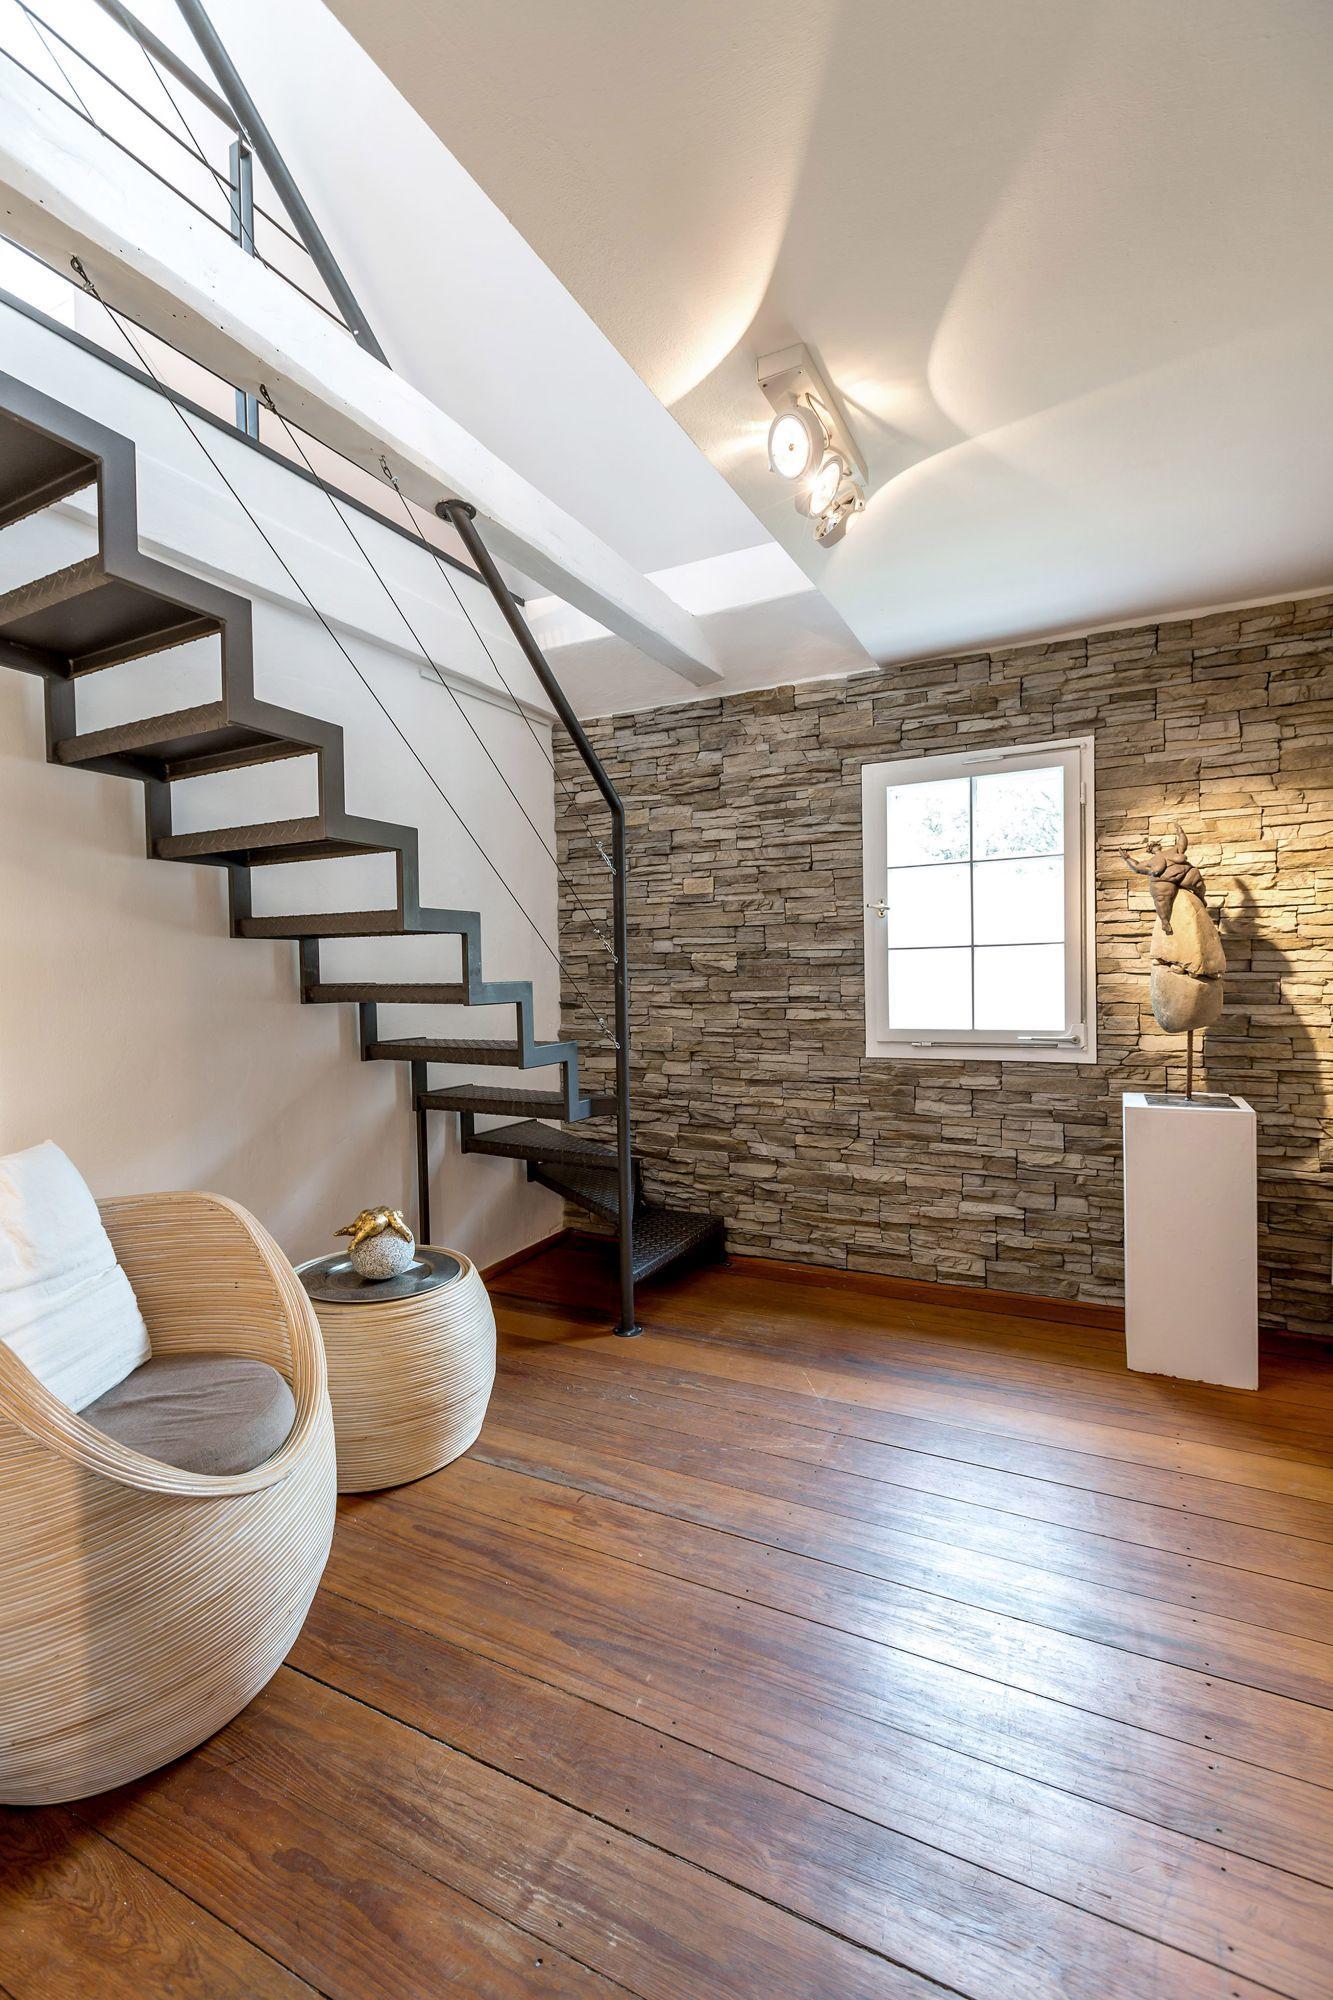 Vorraum mit Sitzecke, Steinwand und Stahltreppe zum Dachboden der Buchmühle Bergisch Gladbach.